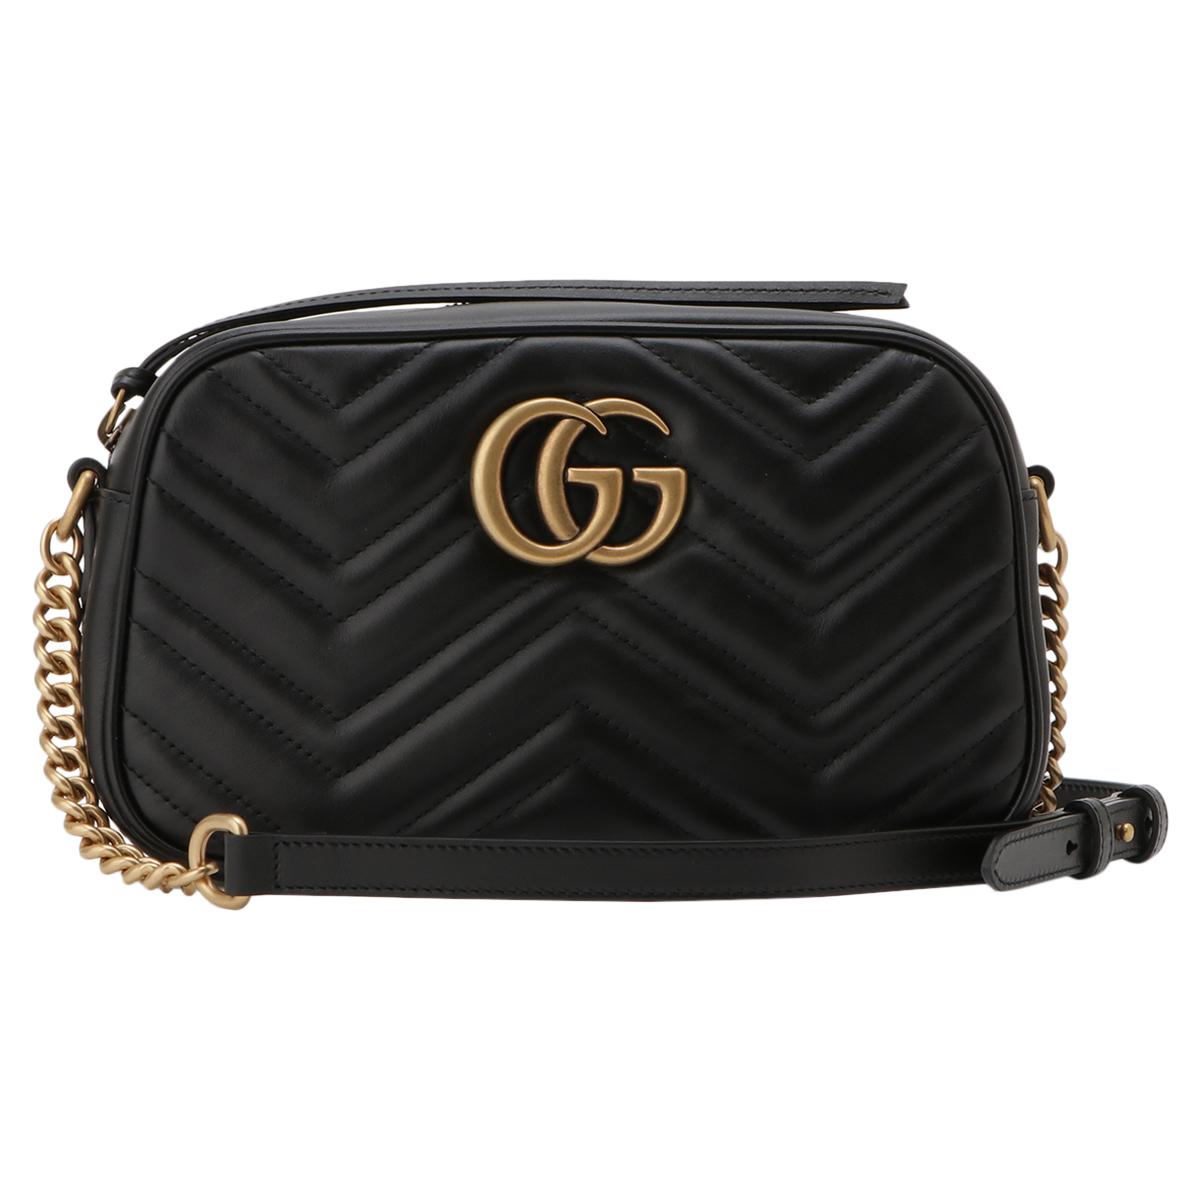 【即納】グッチ Gucci レディース バッグ ショルダーバッグ【GG Marmont 2.0 447632 DTD1T 1000】BLACK GGマーモント キルティング クロスボディ